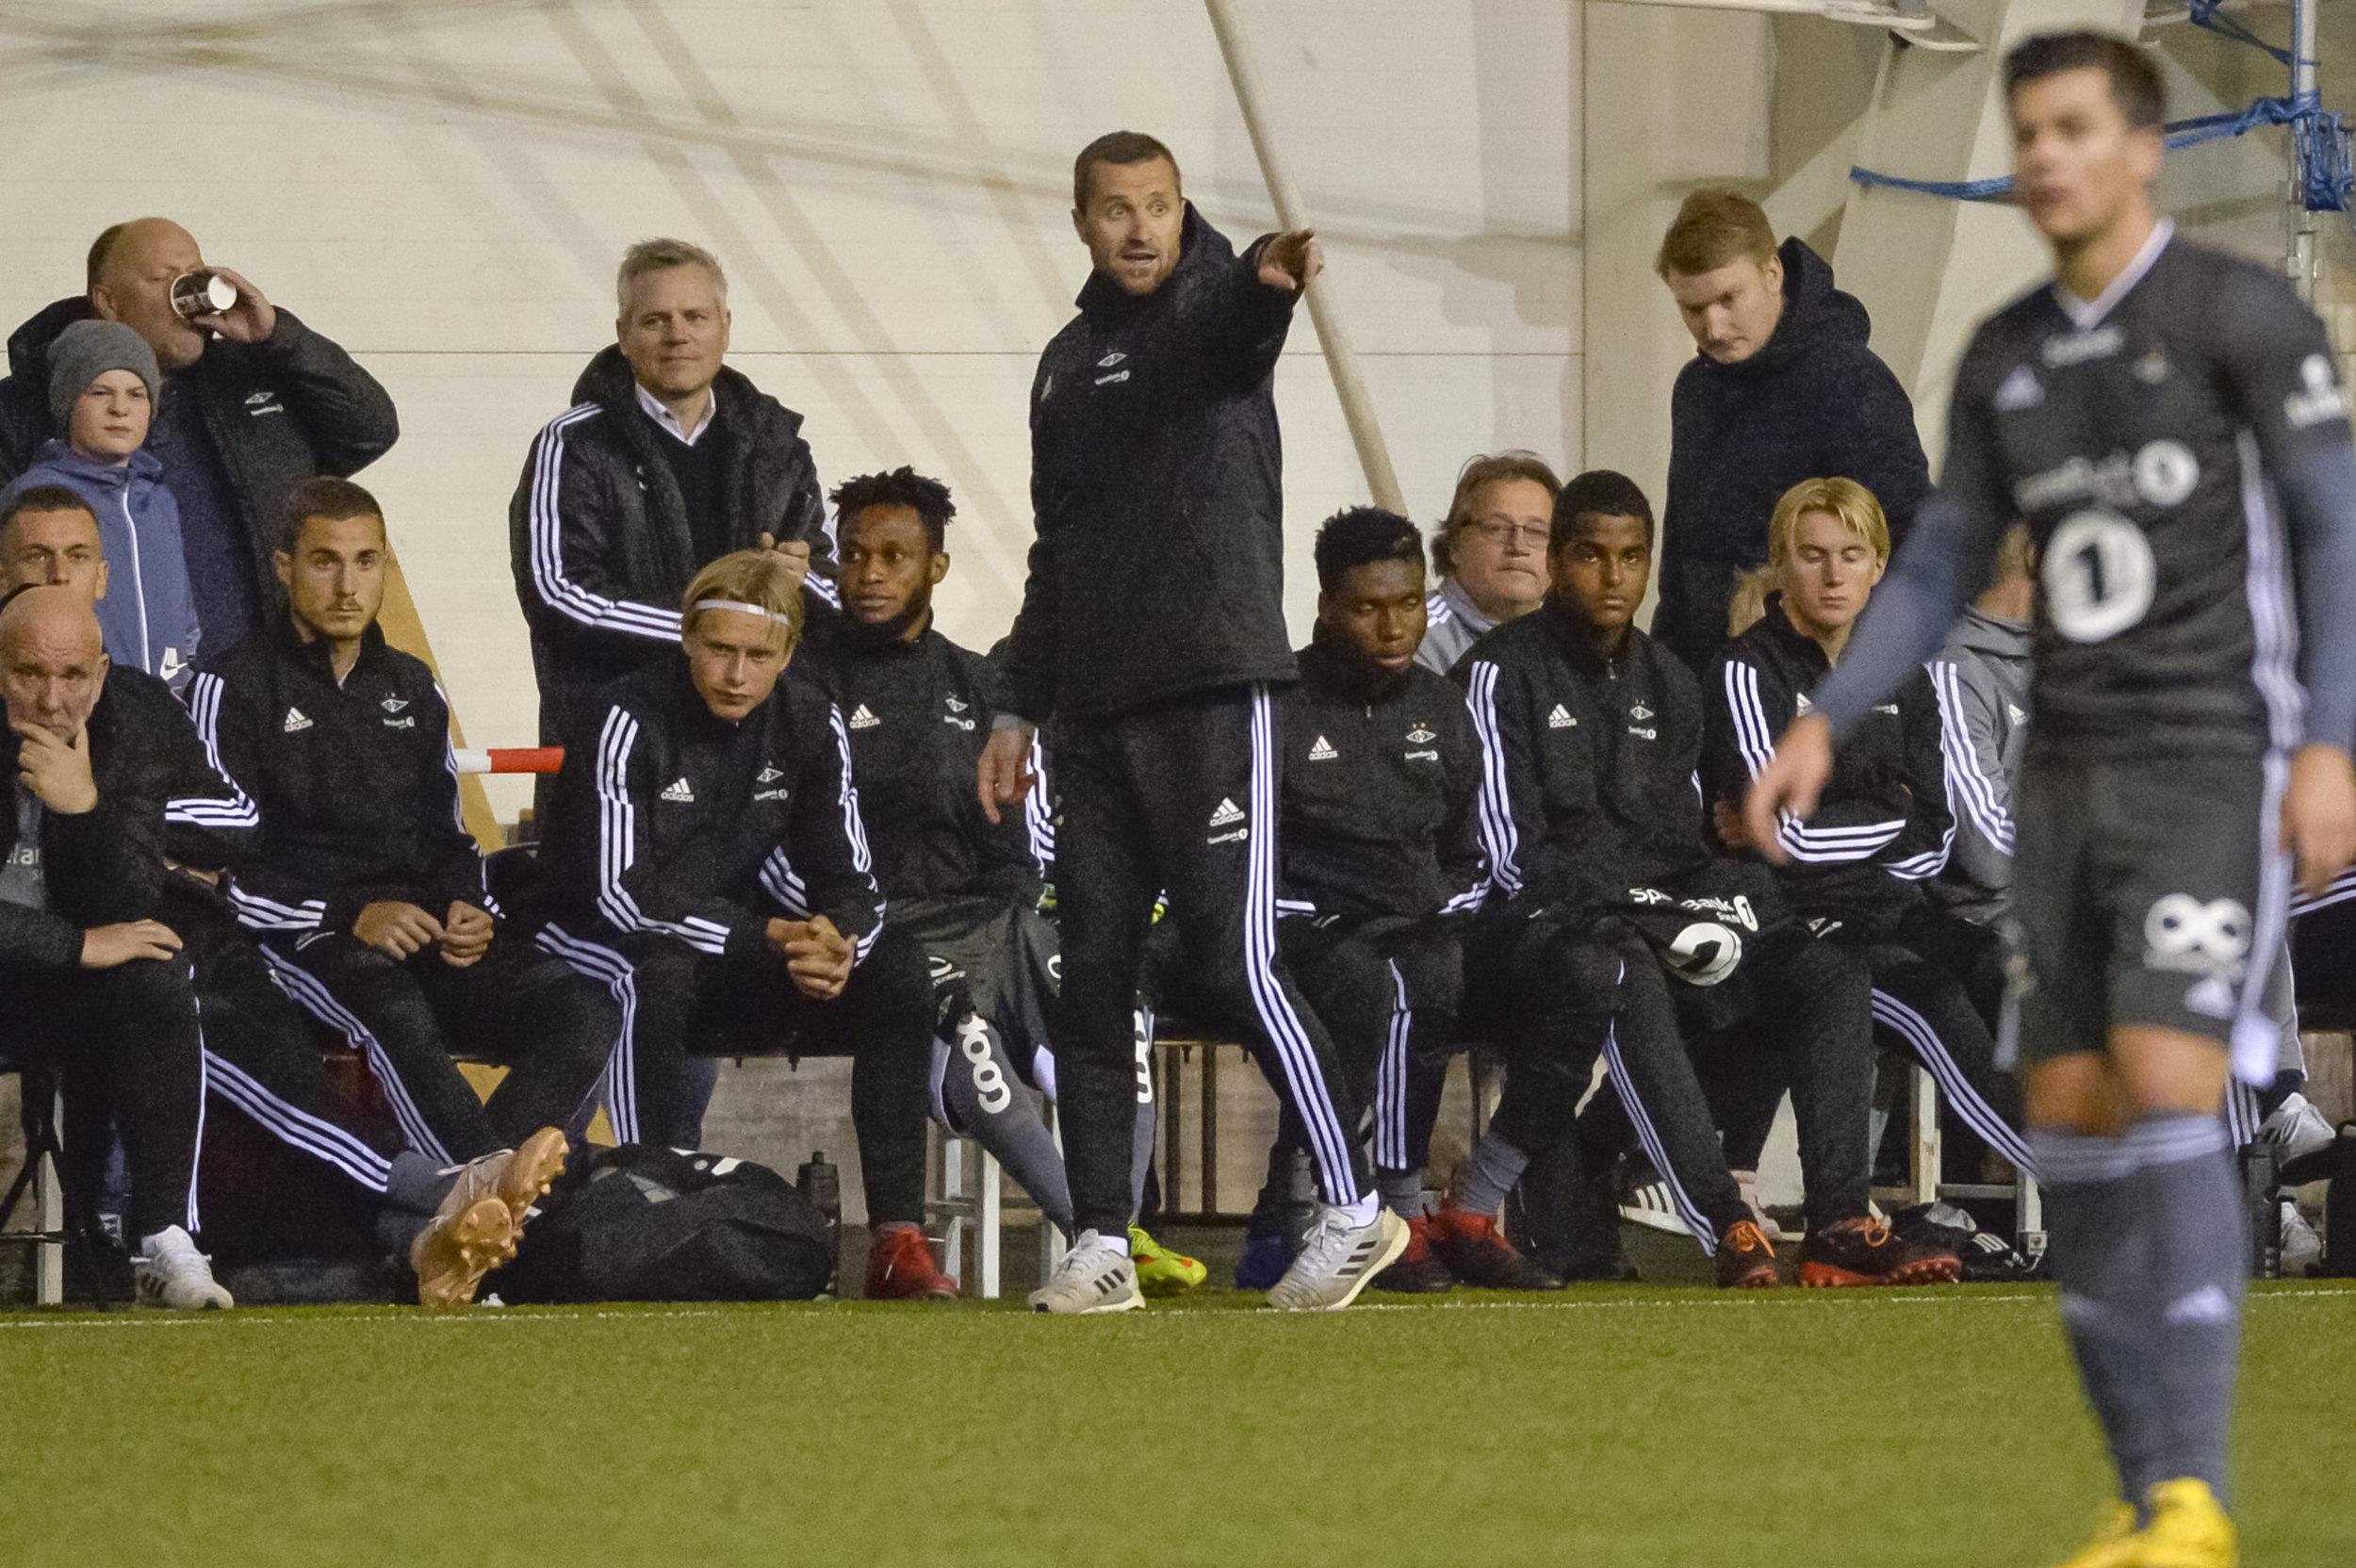 Det blir mye nytt i Rosenborg denne sesongen. FOTO: Ned Alley/NTB scanpix